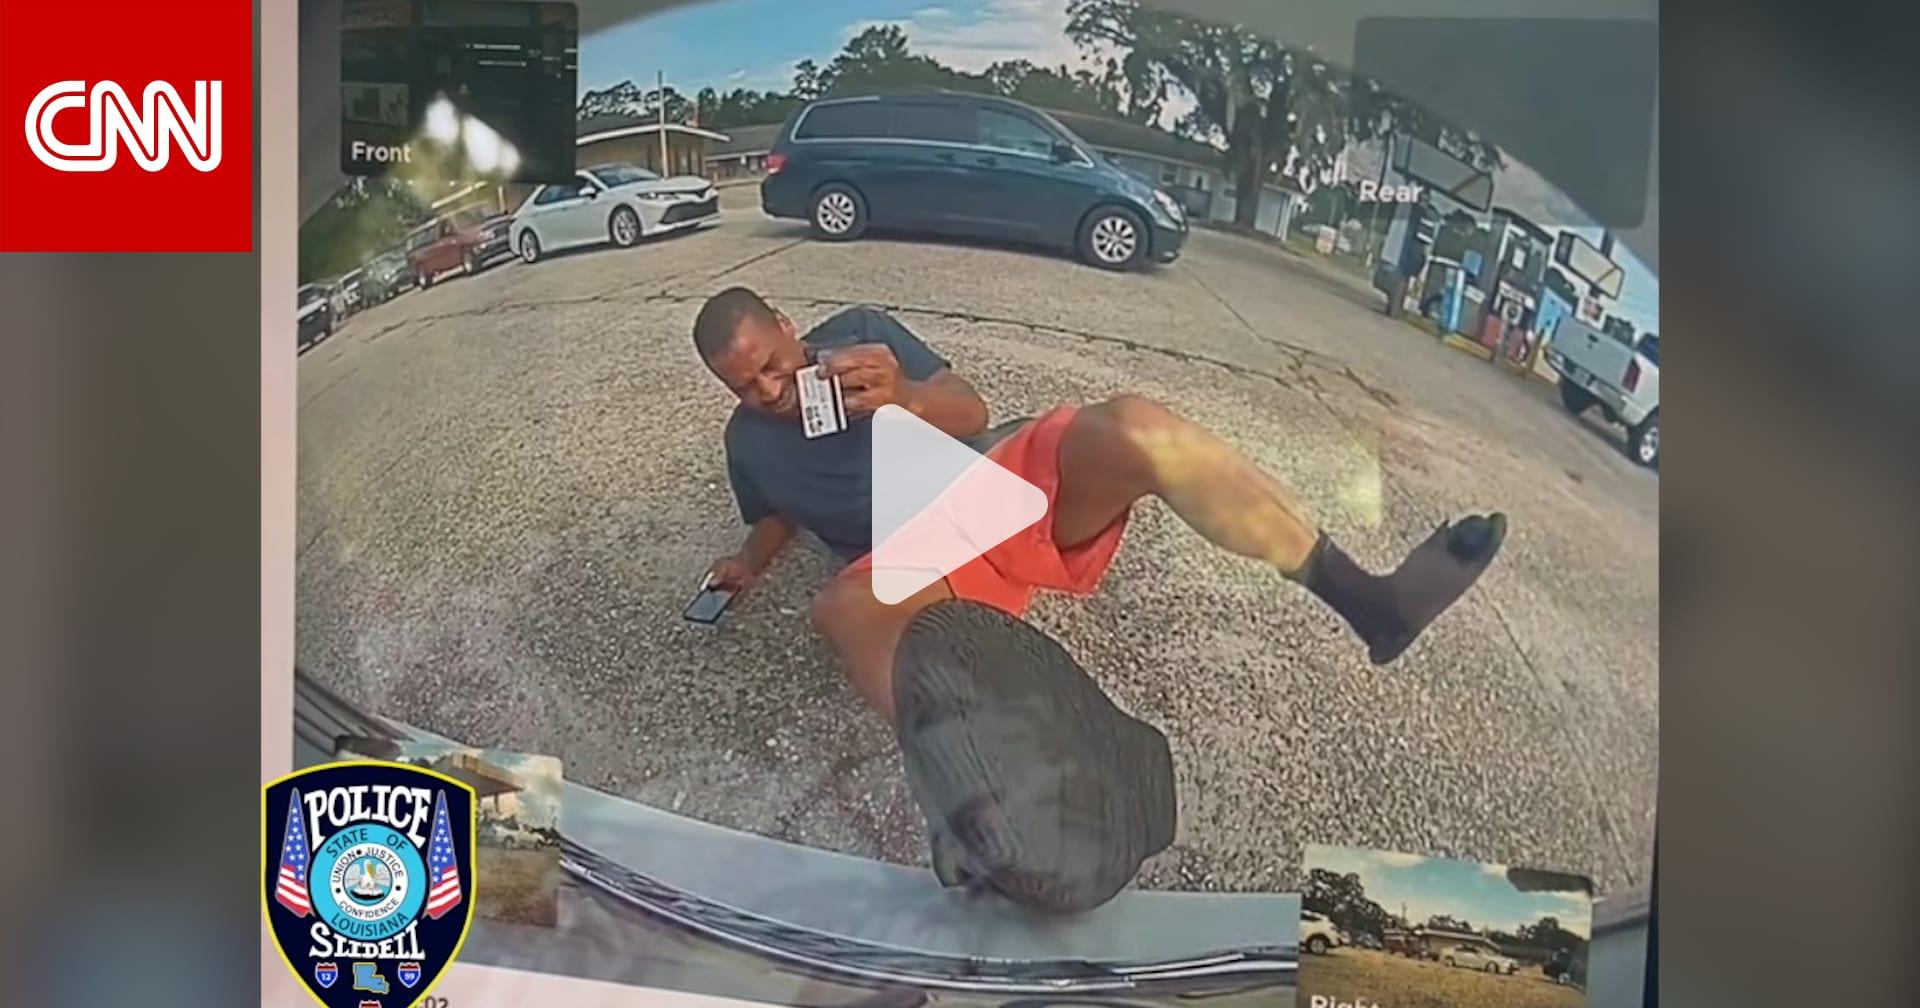 انقلبت خطته ضده.. كاميرا سيارة تسلا توثّق تظاهر رجل بتعرضه لحادث اصطدام